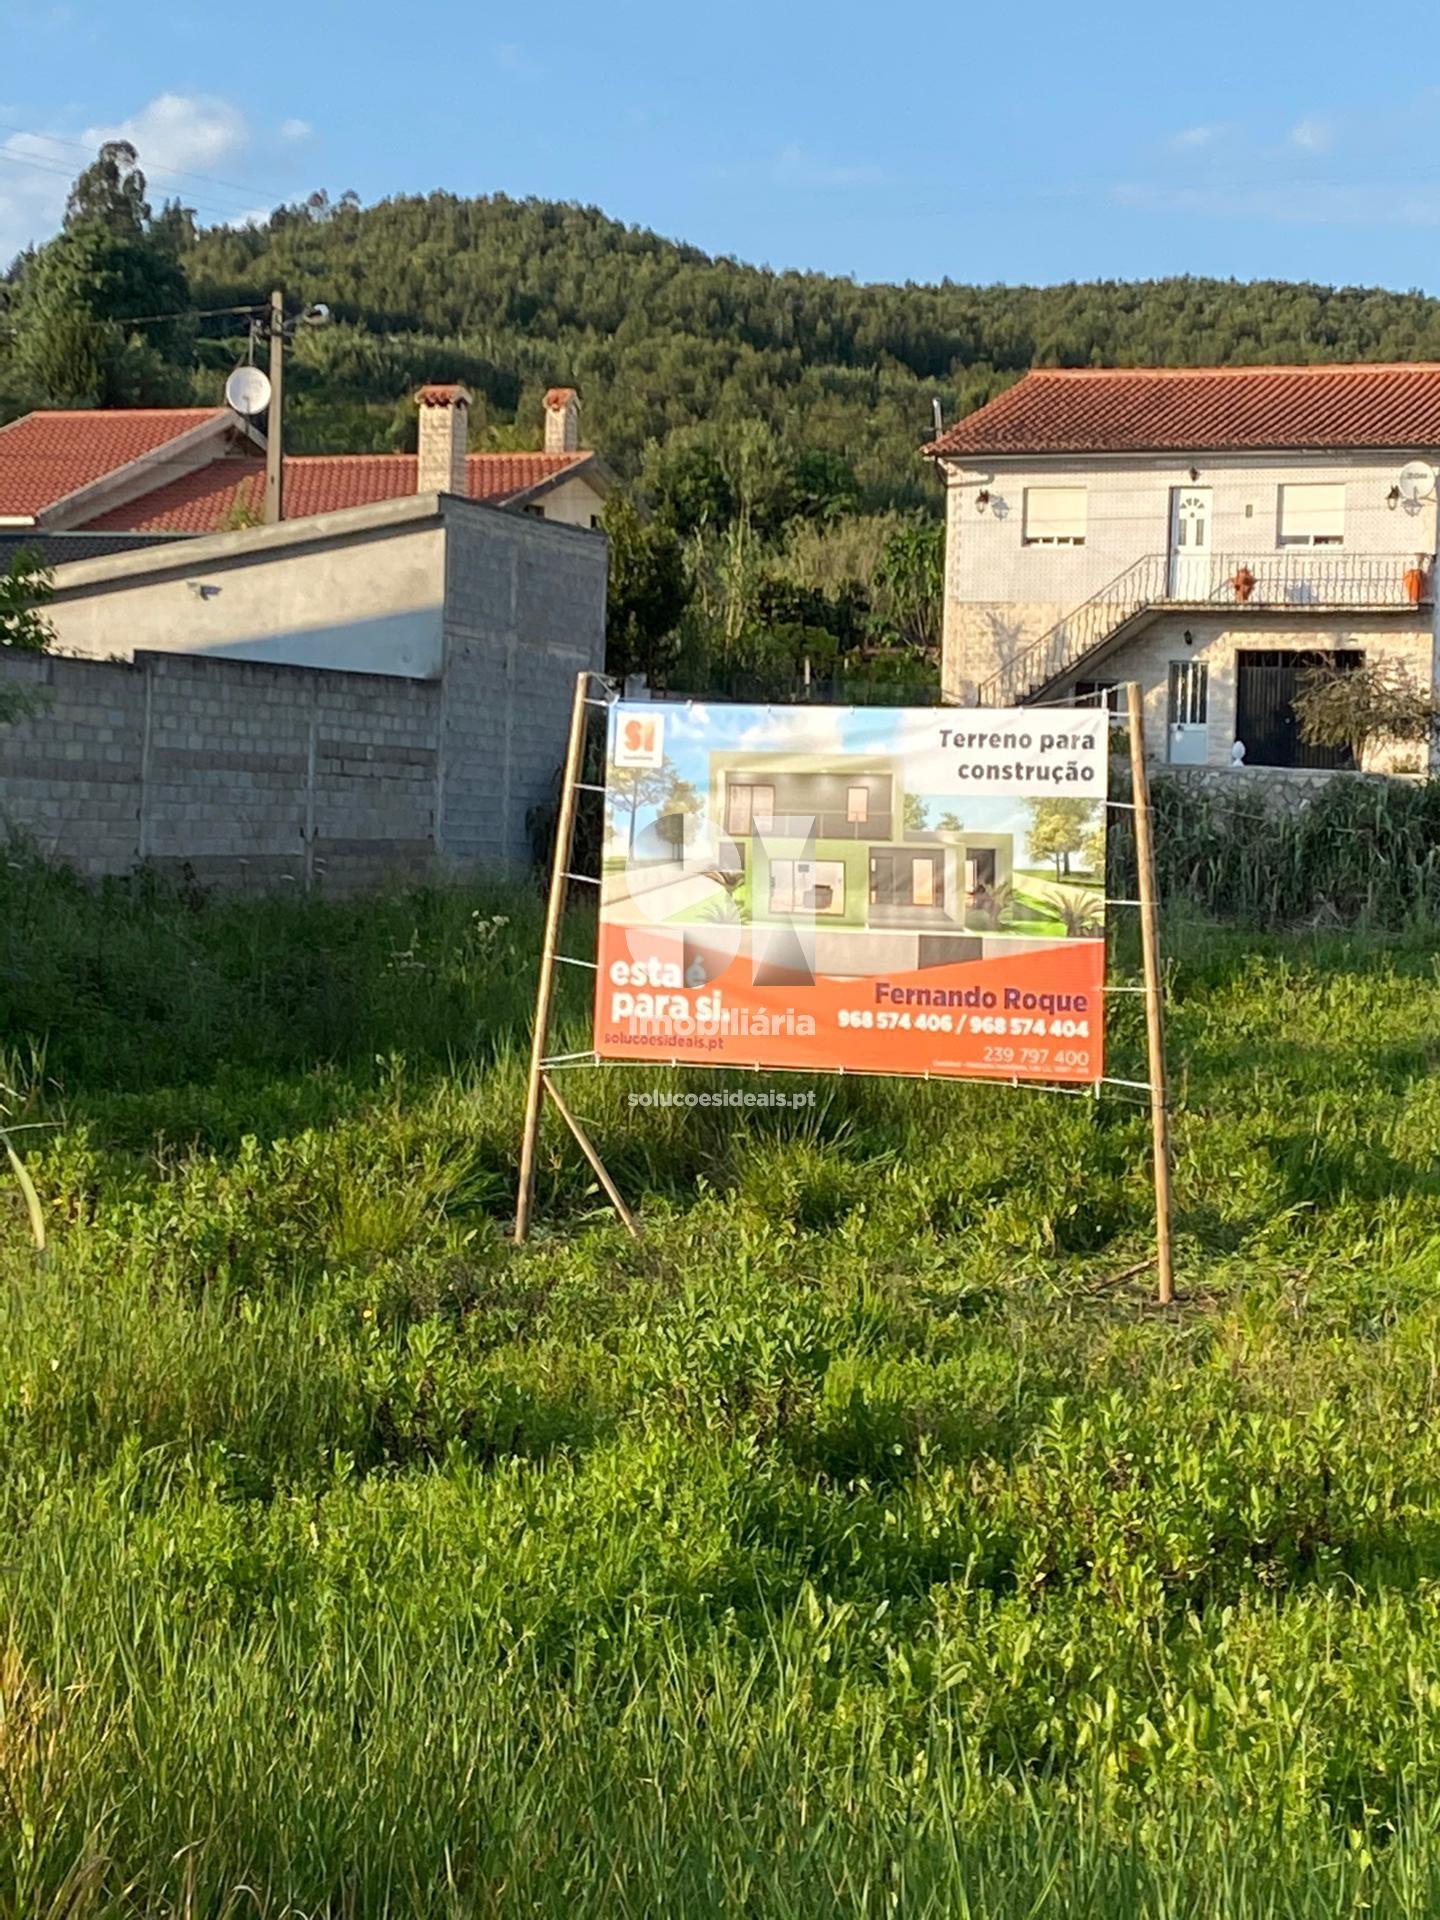 terreno para compra em coimbra uniao das freguesias de antuzede e vil de matos SEDFR9708